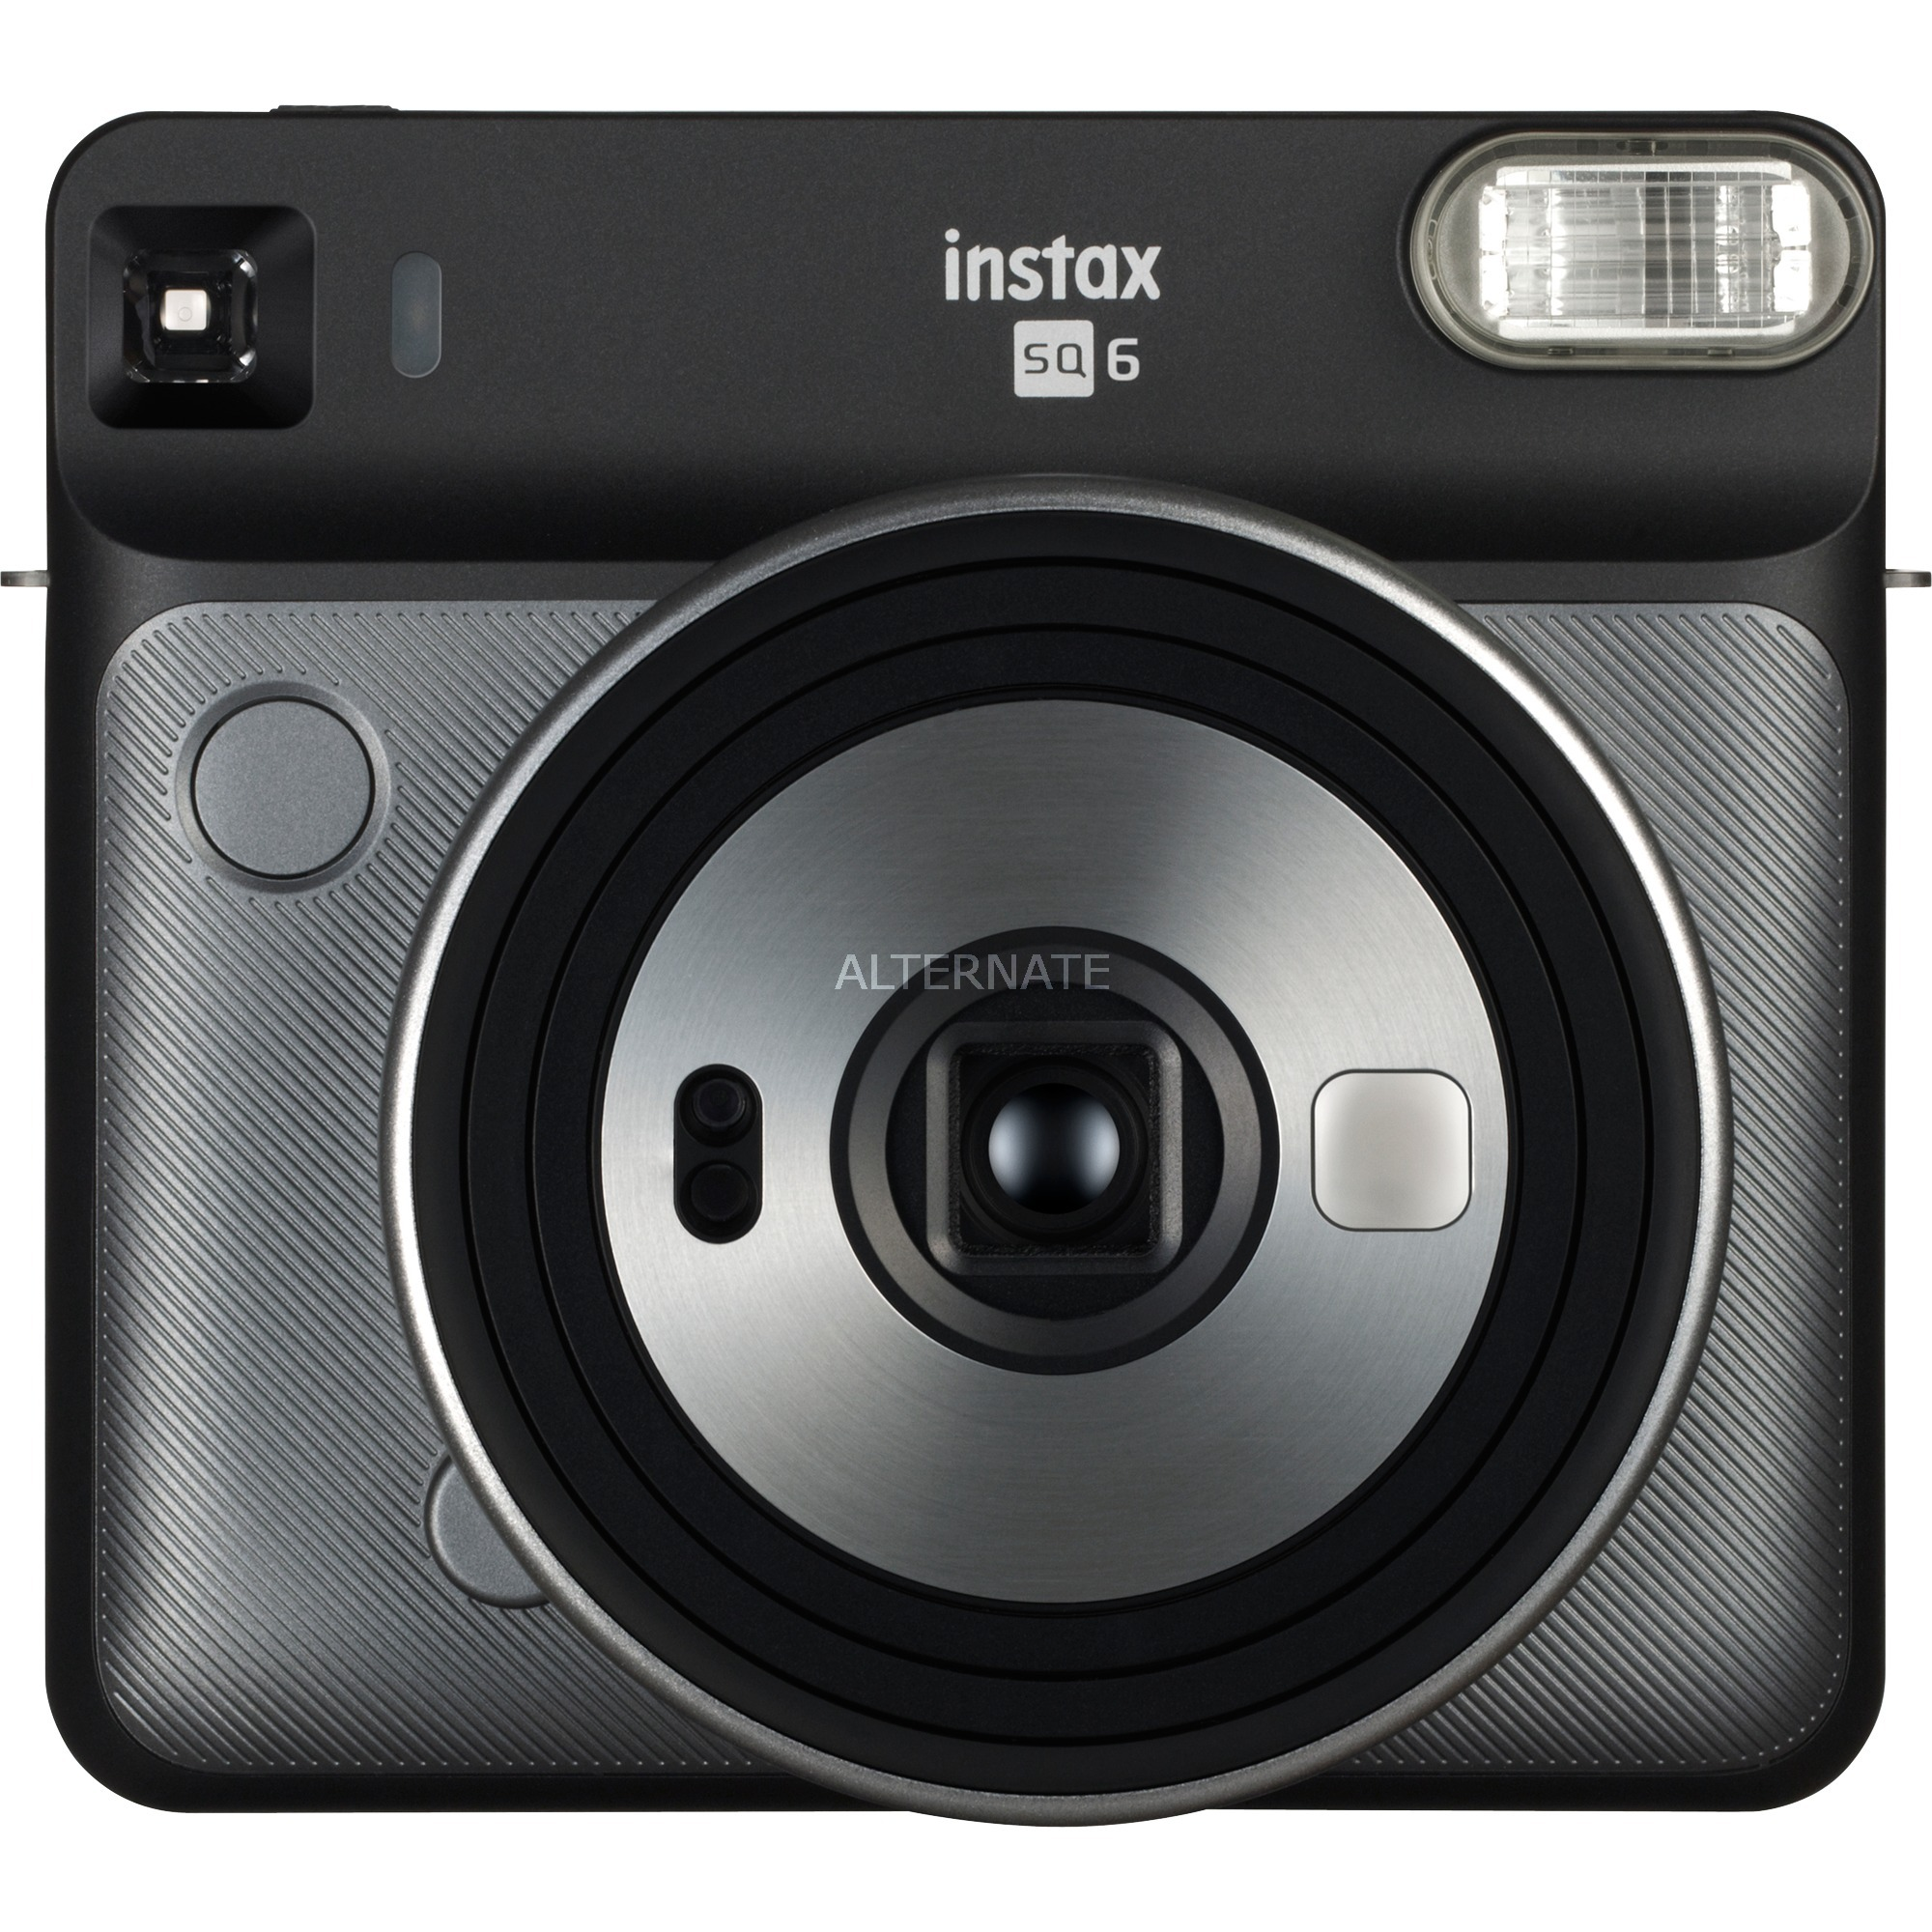 Instax SQ 6 cámara instantánea impresión 62 x 62 mm Grafito, Gris